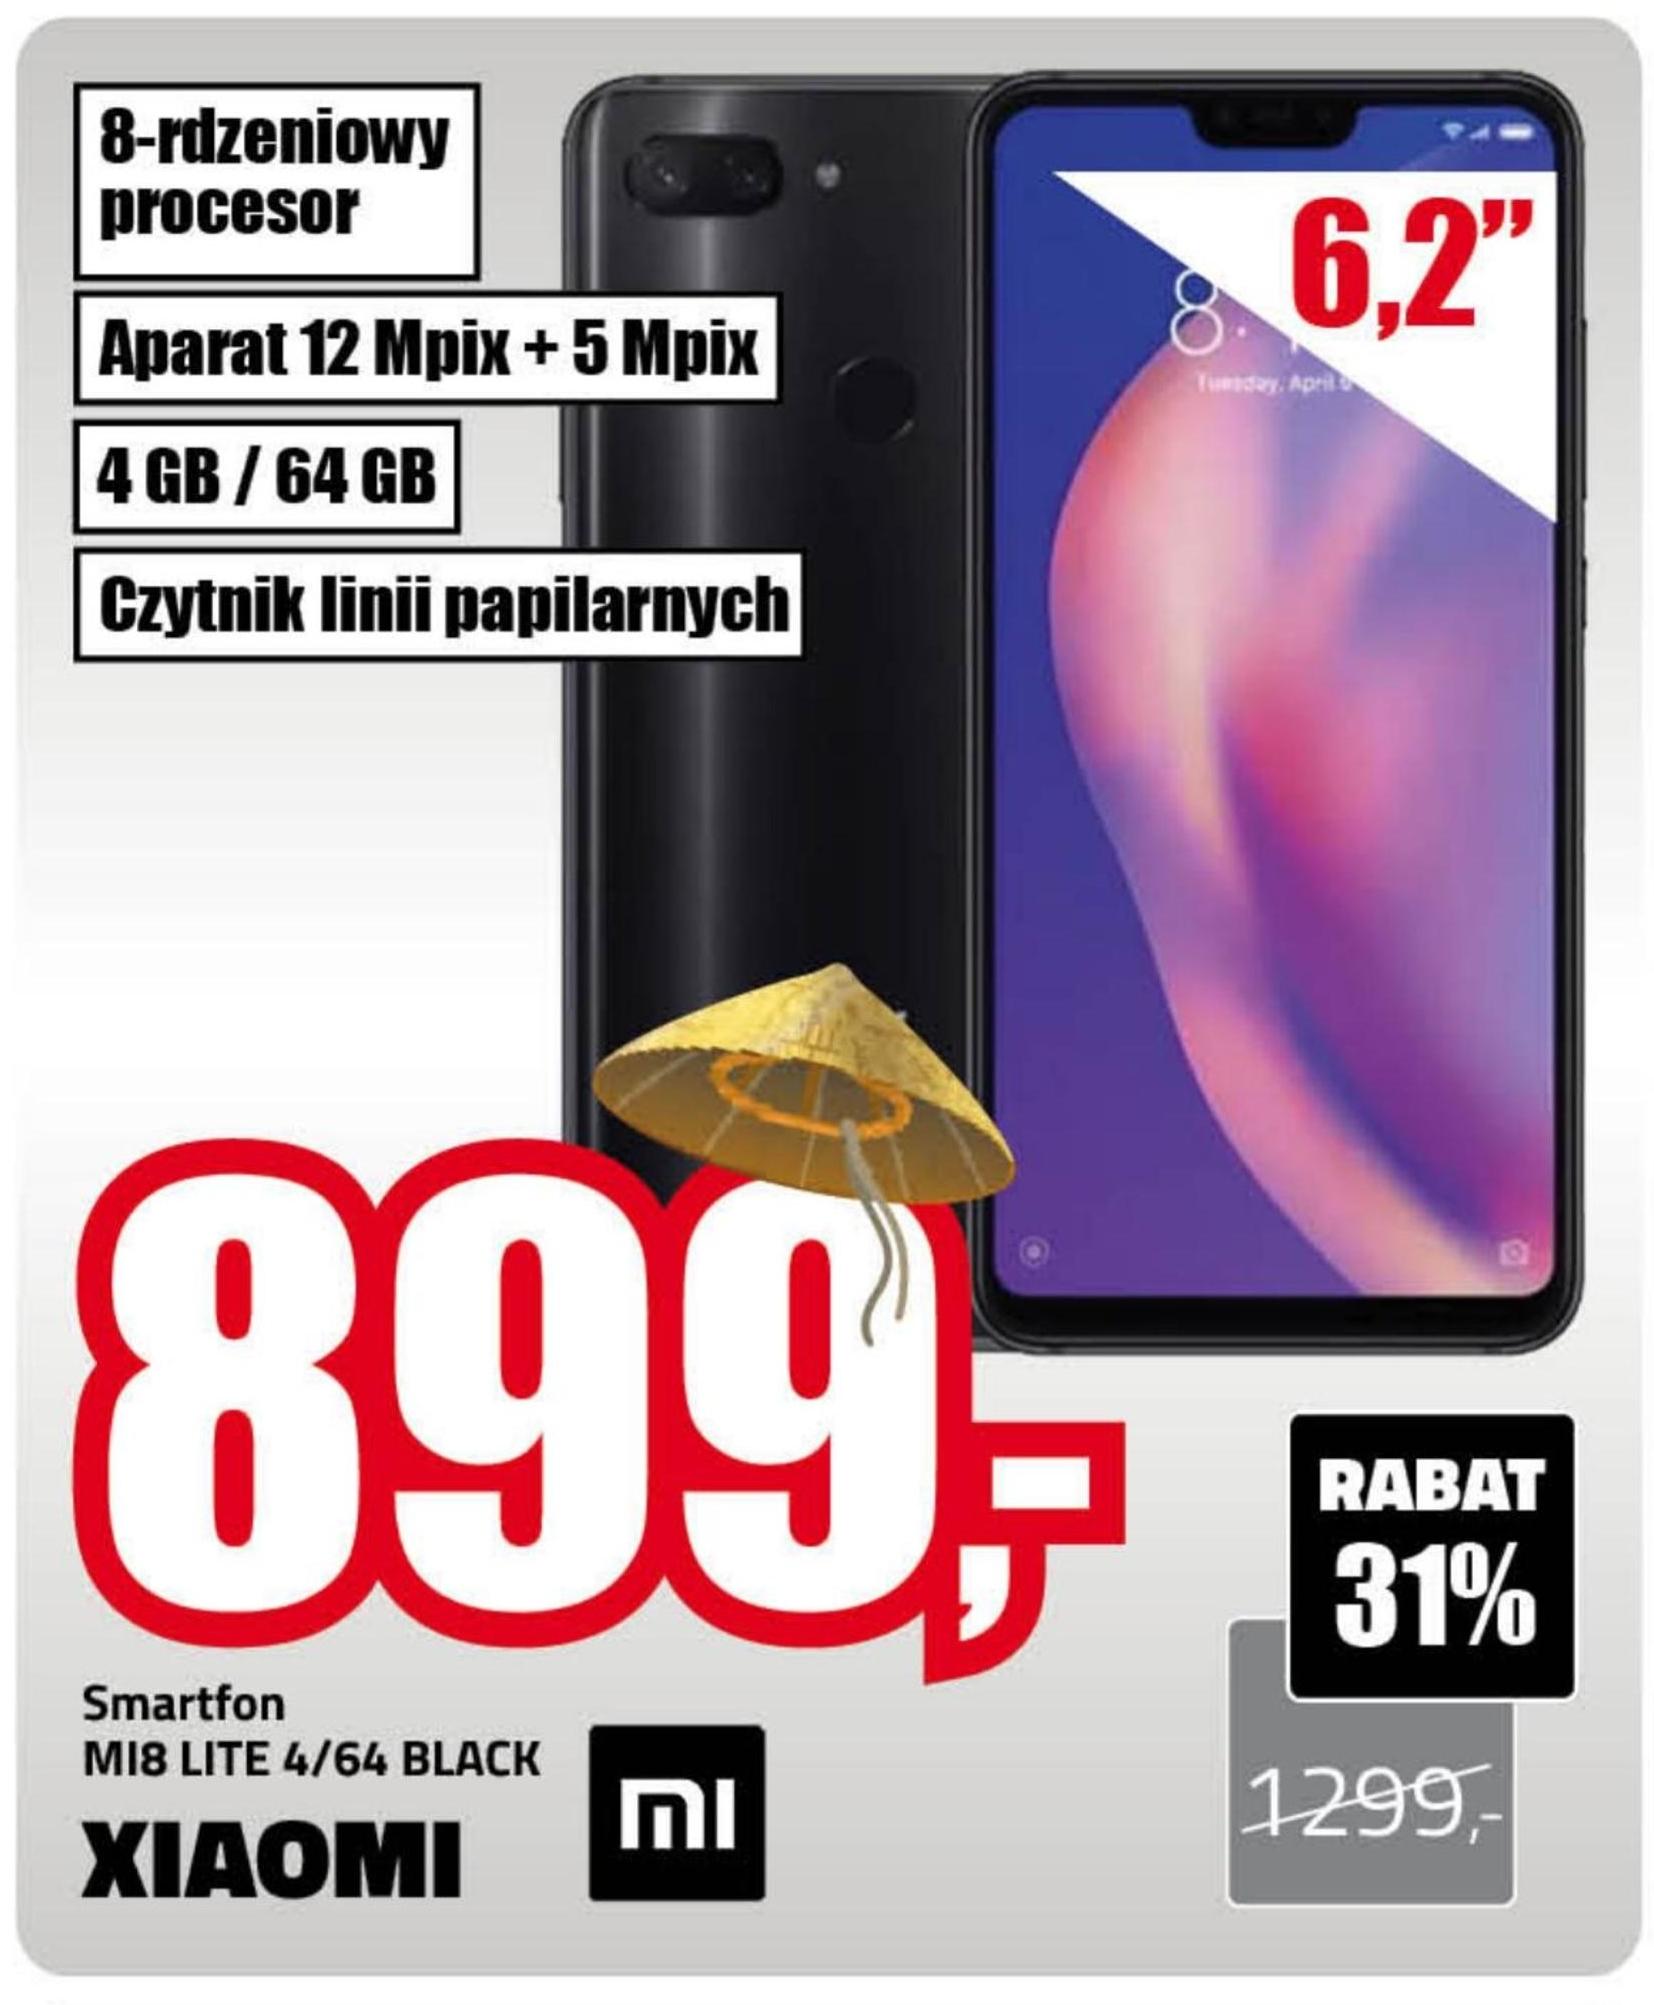 Smartfon MI8 Lite Xiaomi niska cena